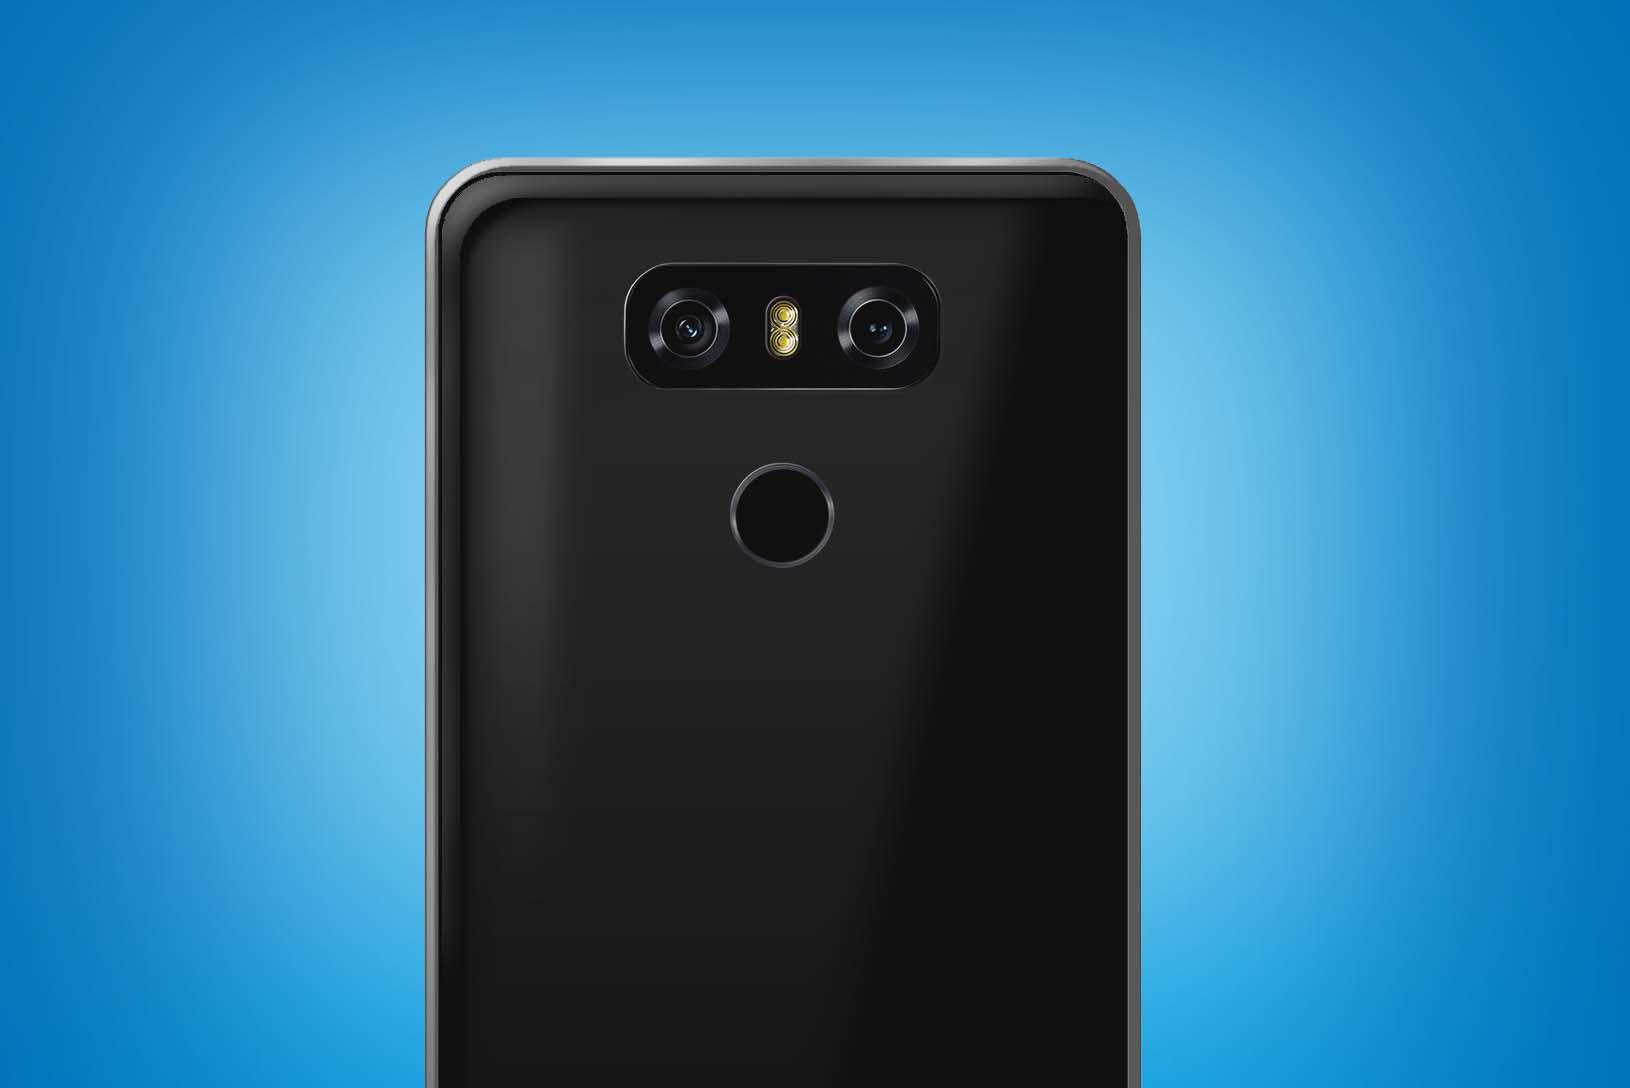 Posible aspecto del LG V30